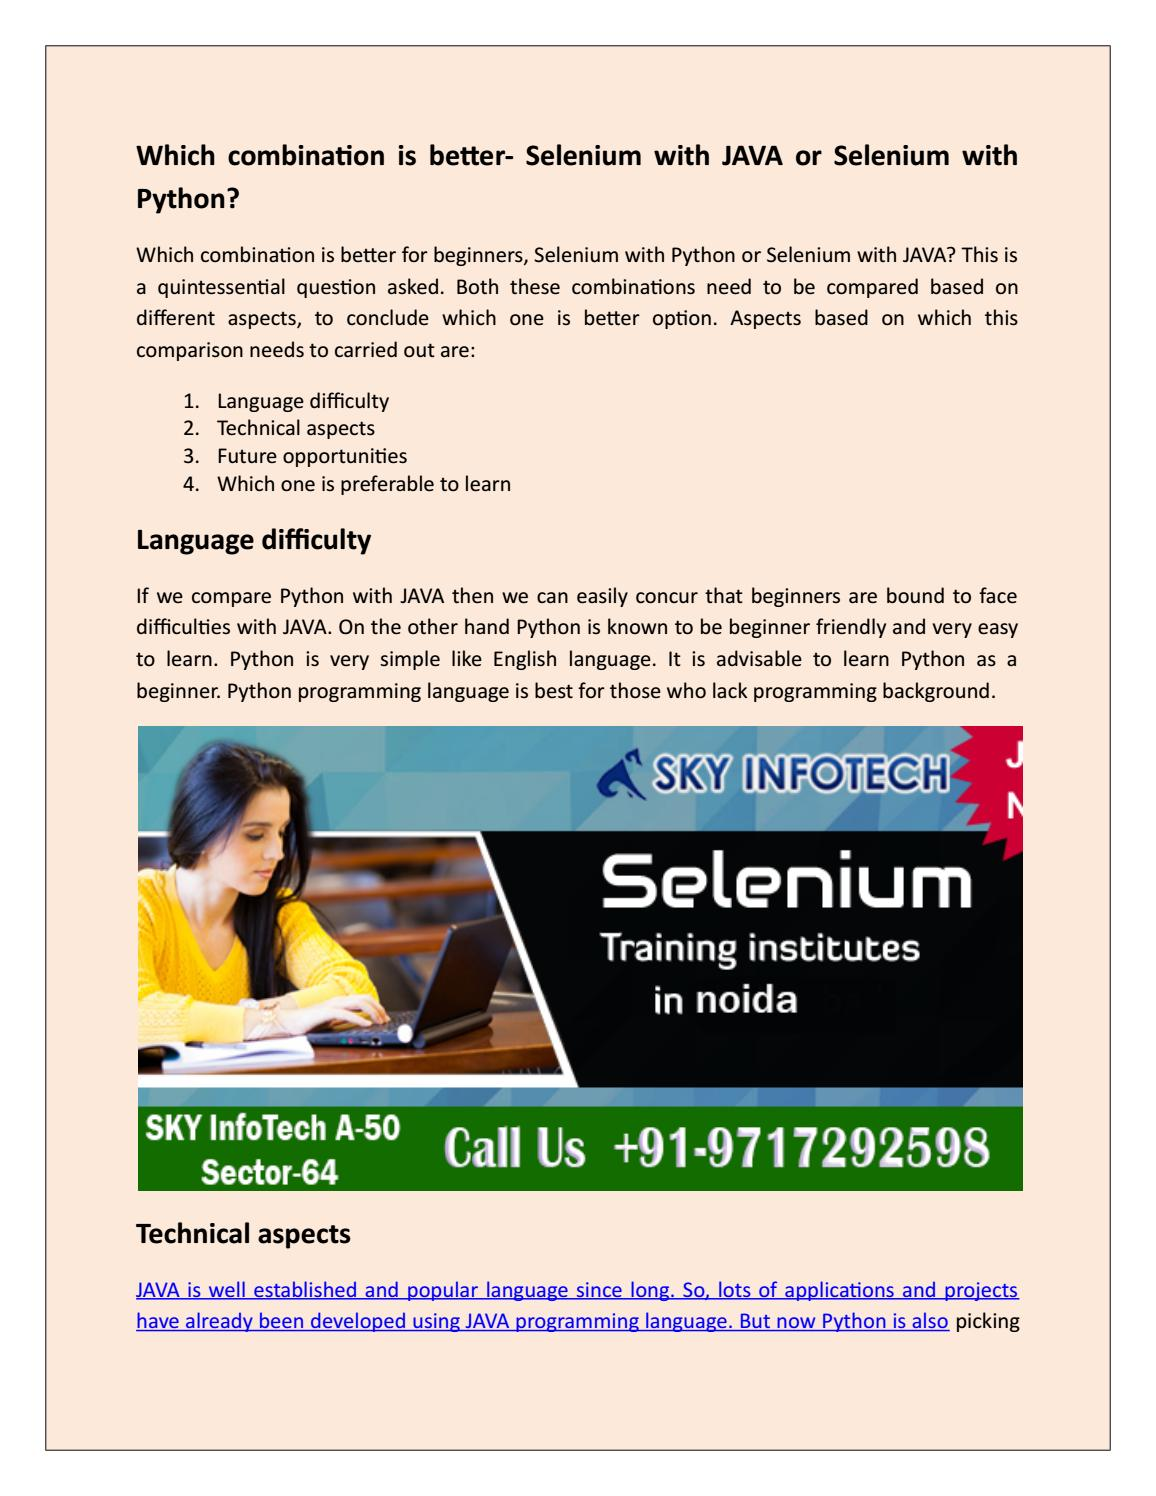 Selenium training in noida by jitendra kumar - issuu